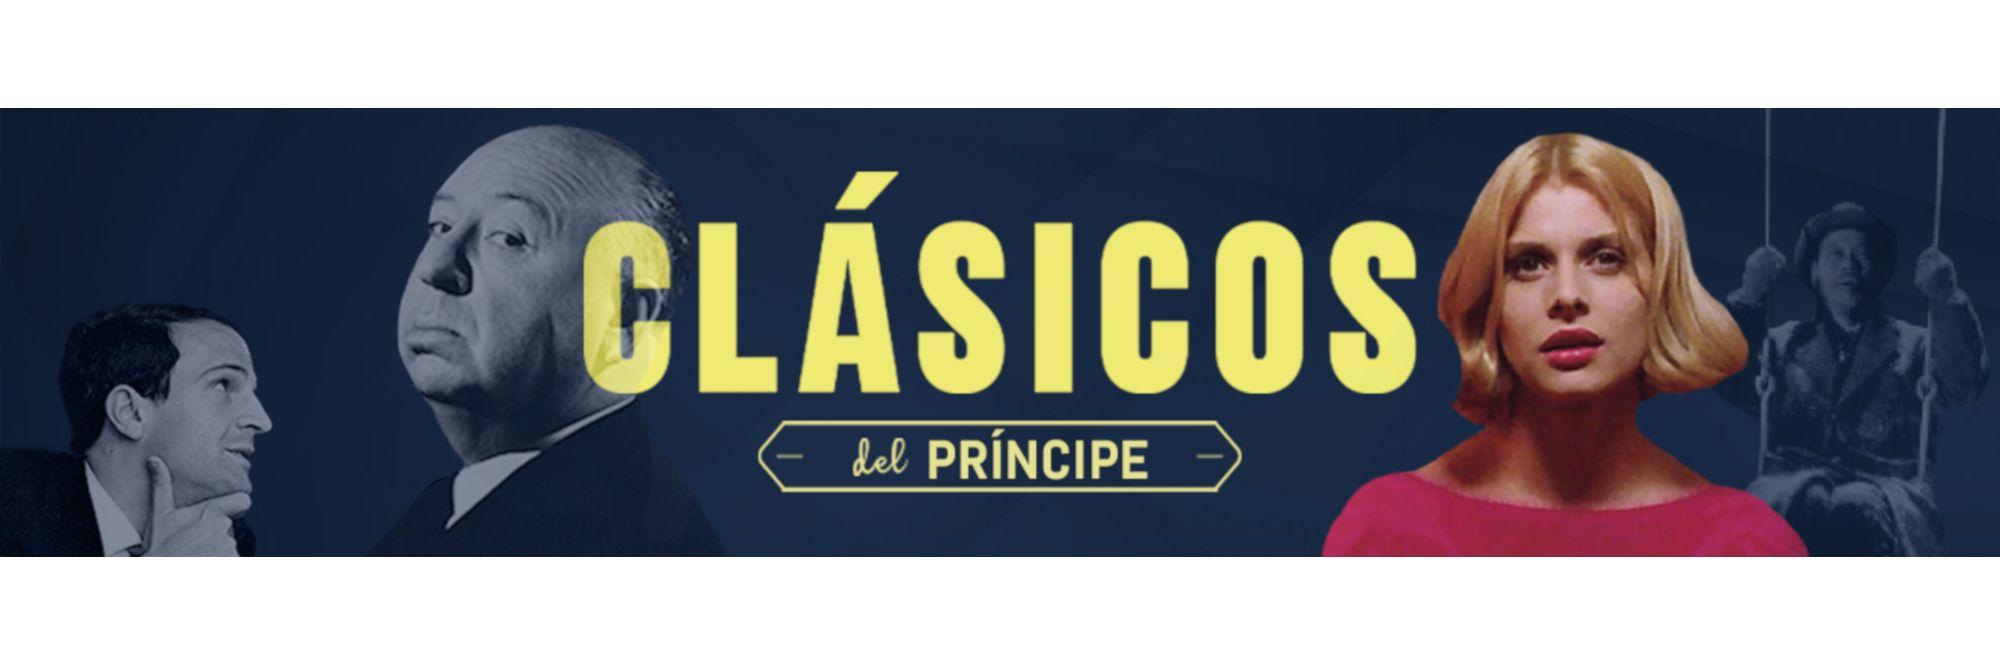 CLASICOS 20201112 1500x337